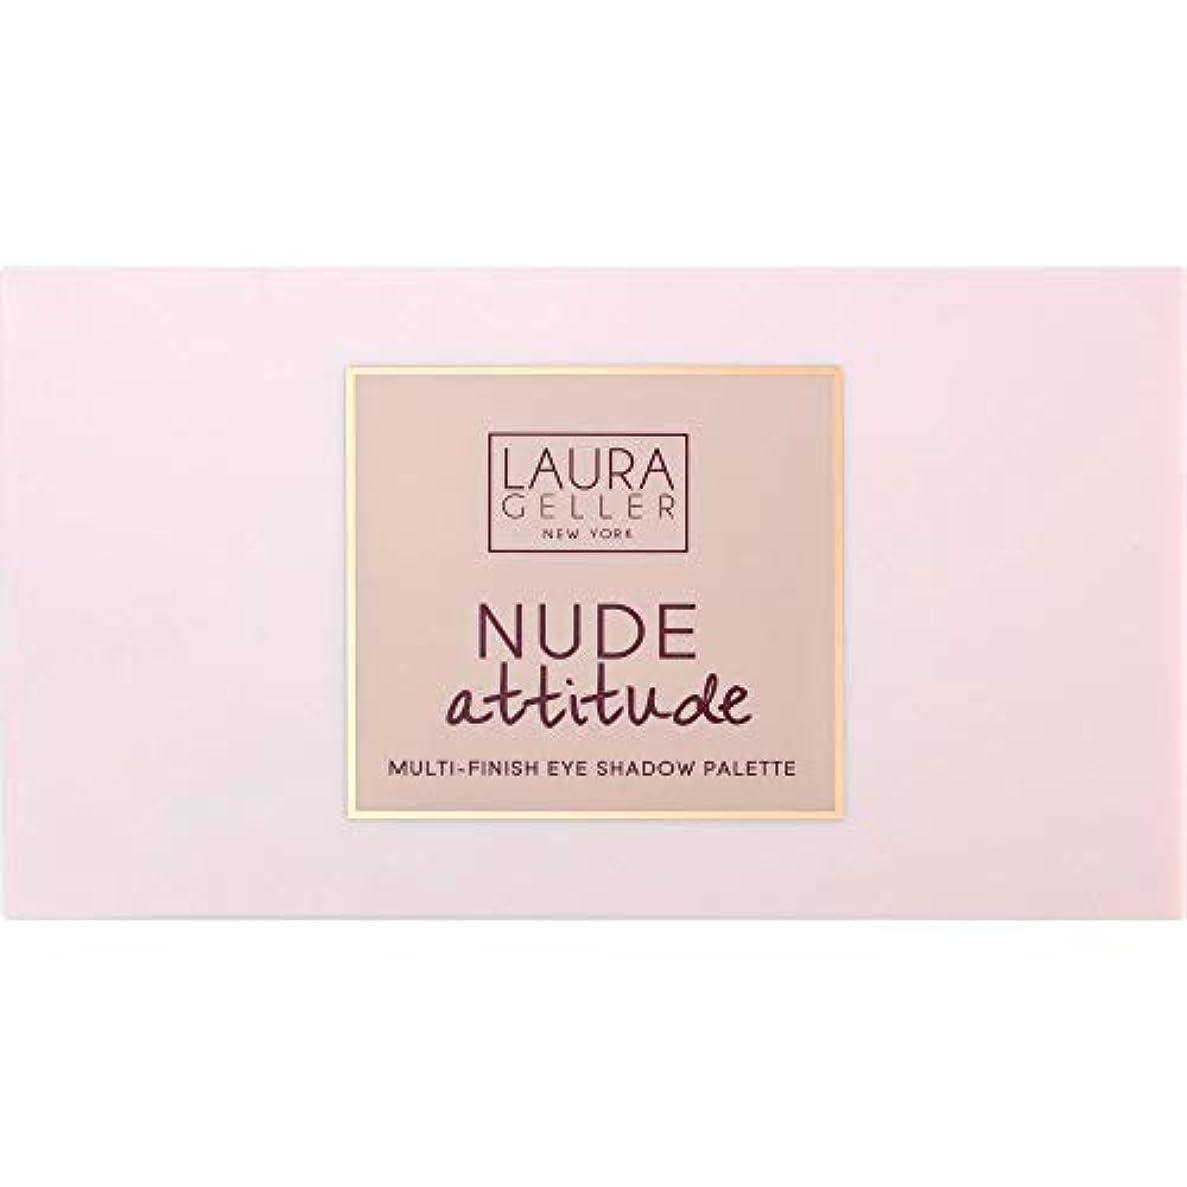 絶滅したしつけ太平洋諸島[Laura Geller ] ローラ?ゲラーヌード態度マルチフィニッシュアイシャドウパレット12×1.1グラム - Laura Geller Nude Attitude Multi-Finish Eye Shadow...